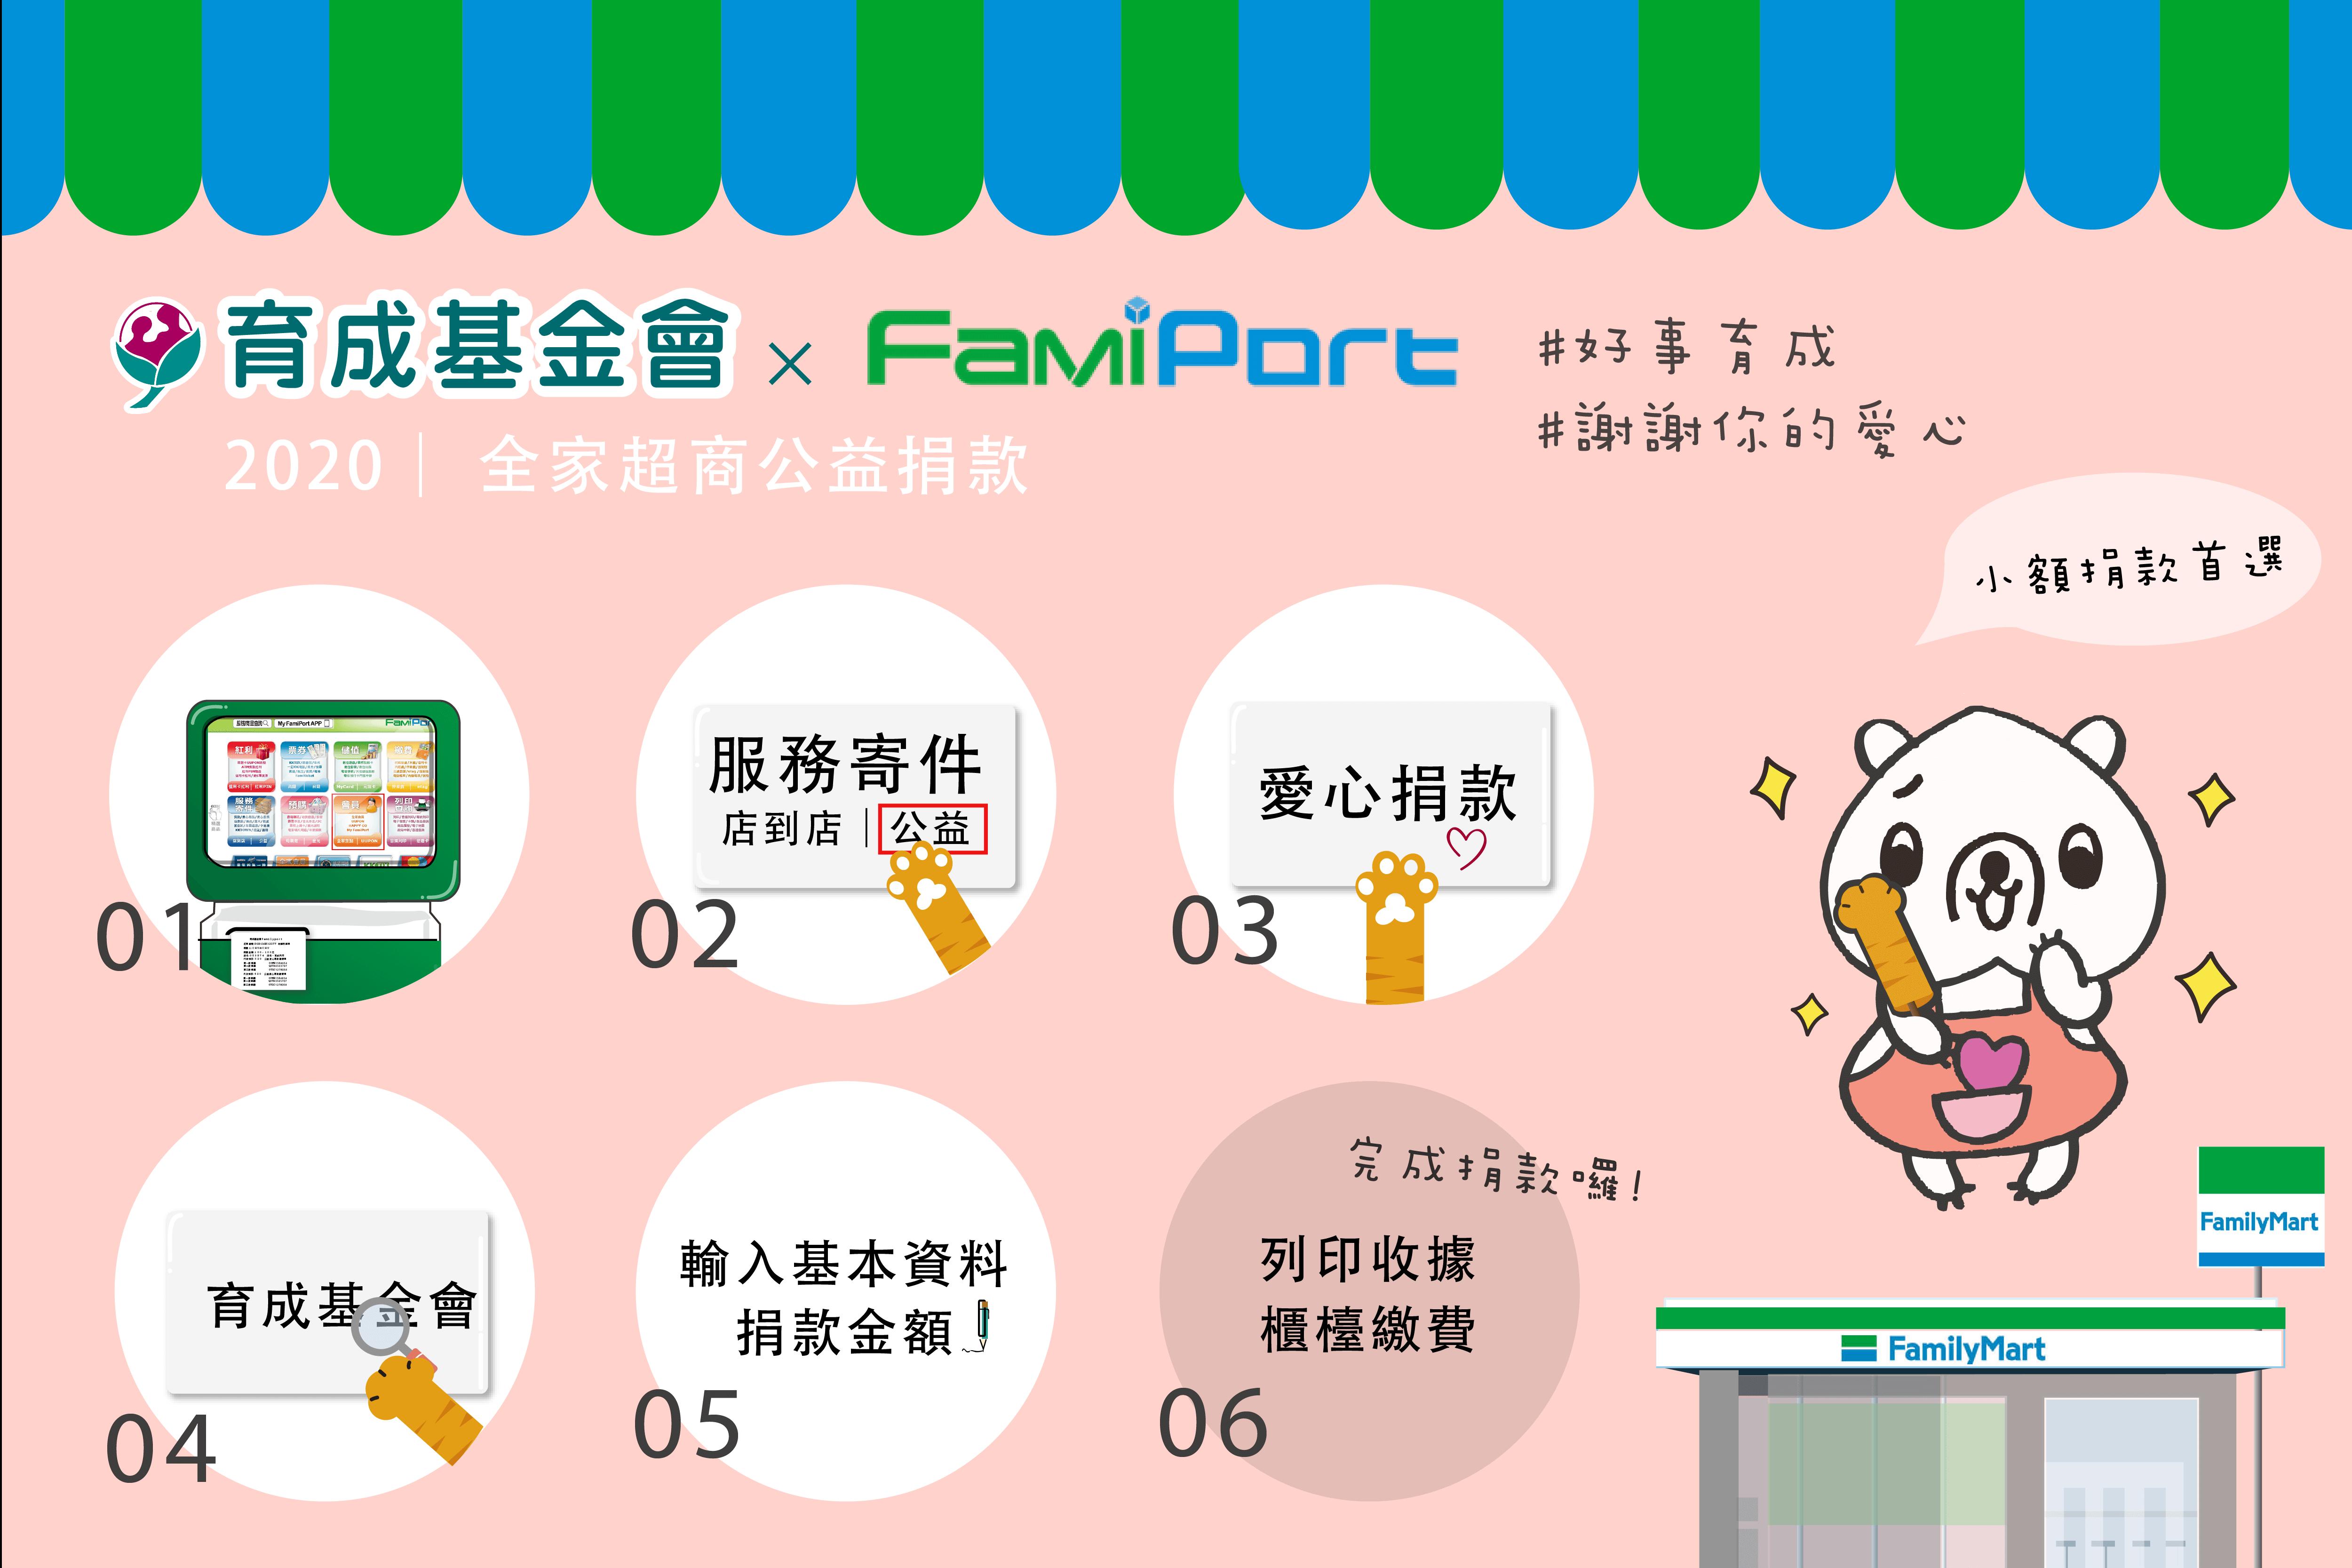 【超商捐款】全家FamiPort 簡單6步驟捐款給育成 代表圖